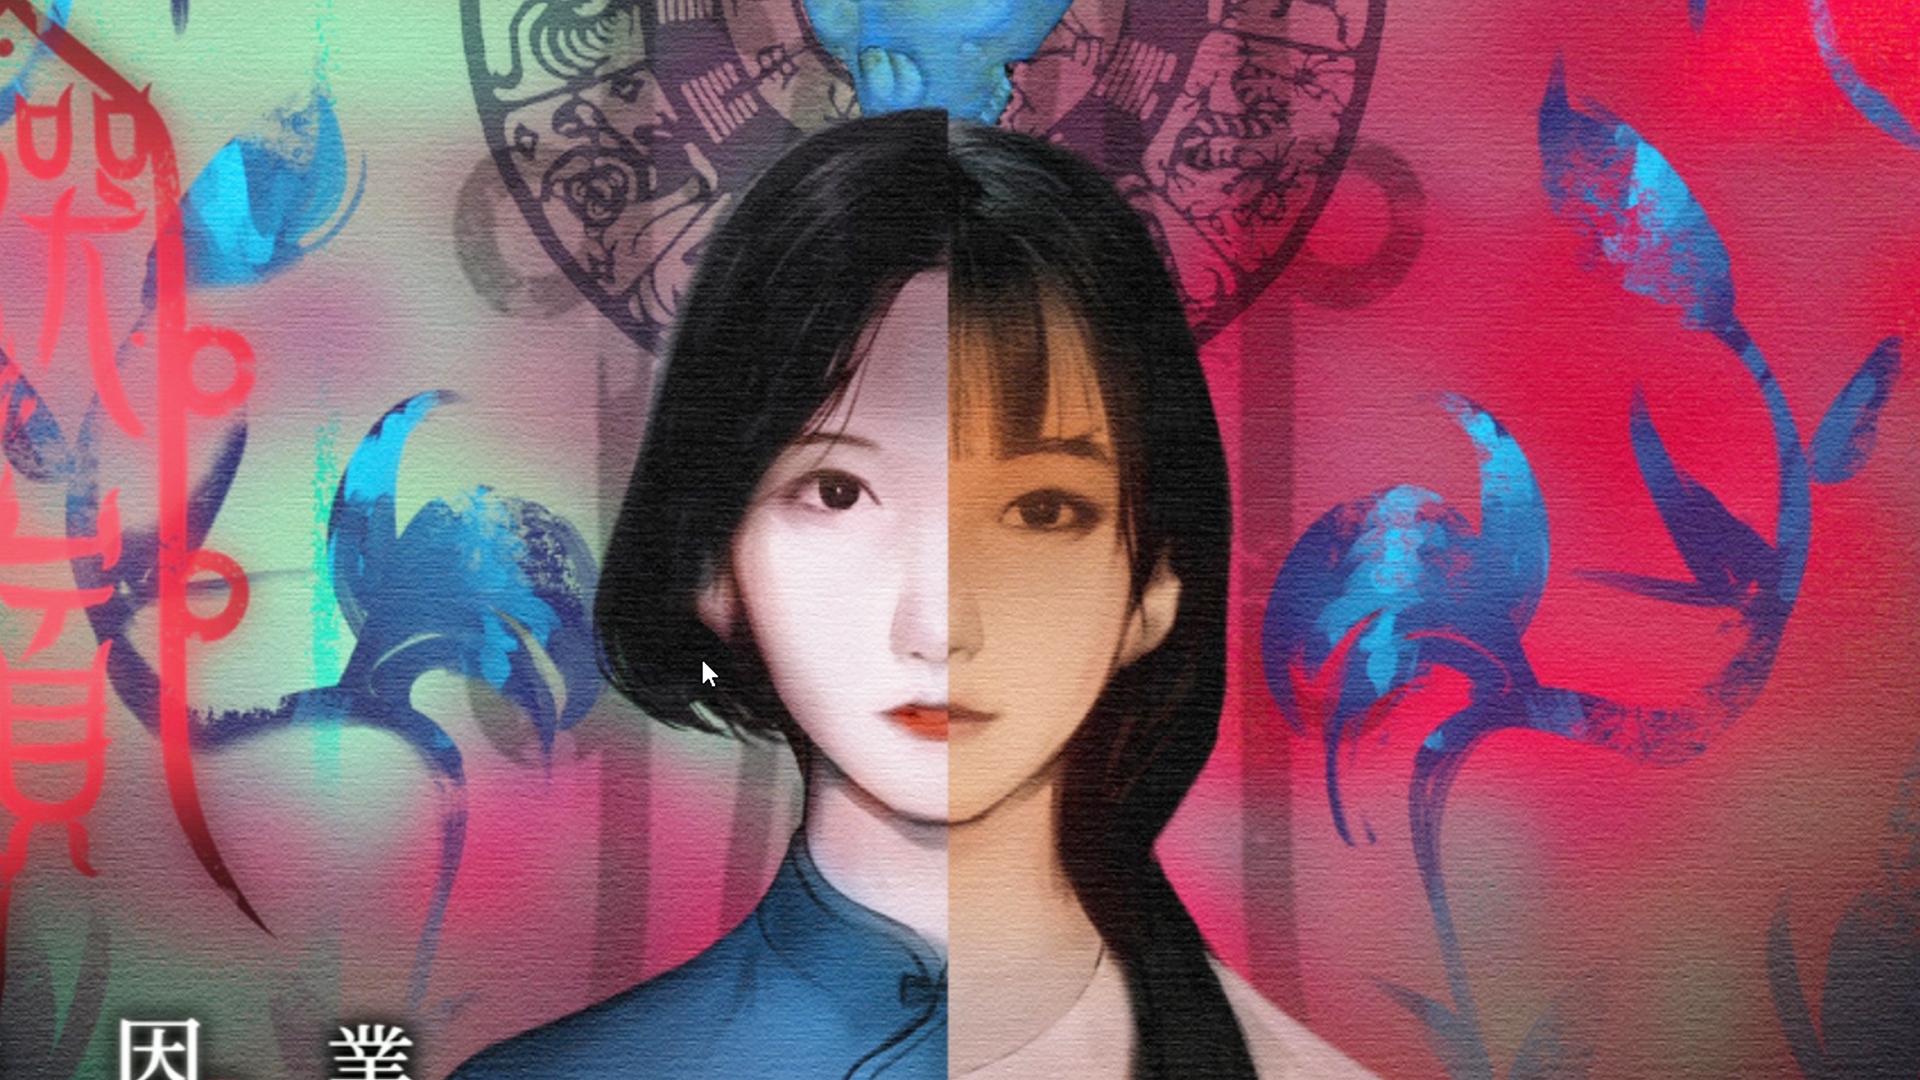 国产都市传说恐怖游戏,少女学校遇害竟然穿越时空?